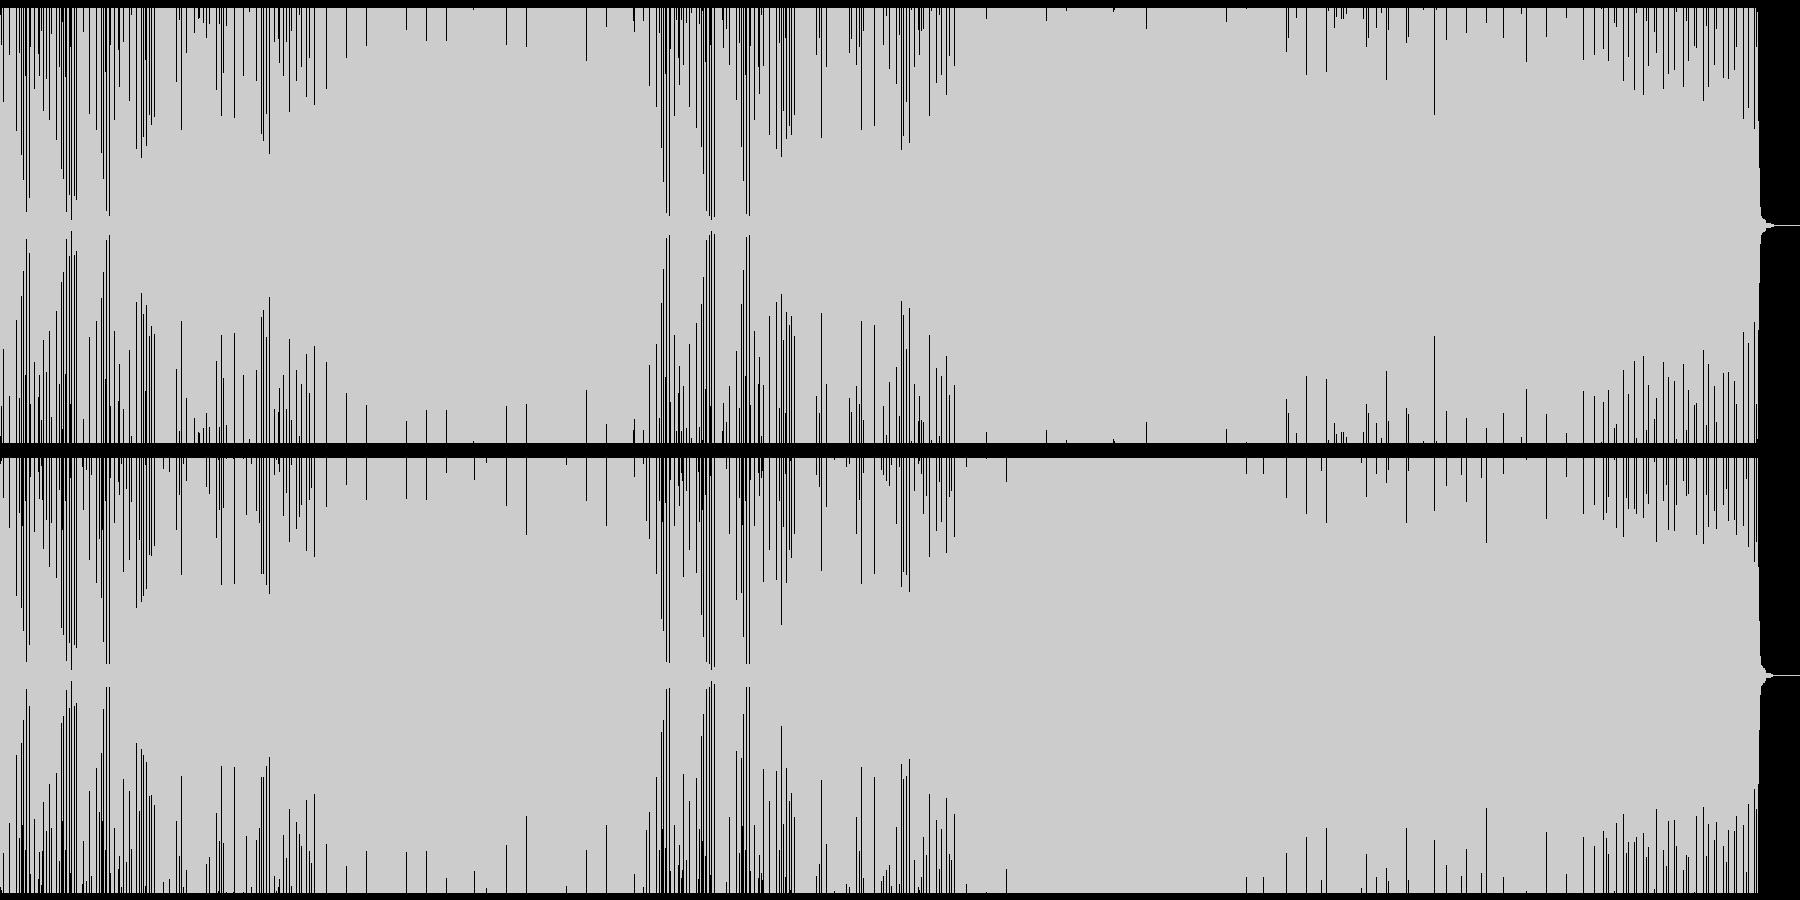 綺羅びやかなシンセ音のEDM風バラードの未再生の波形